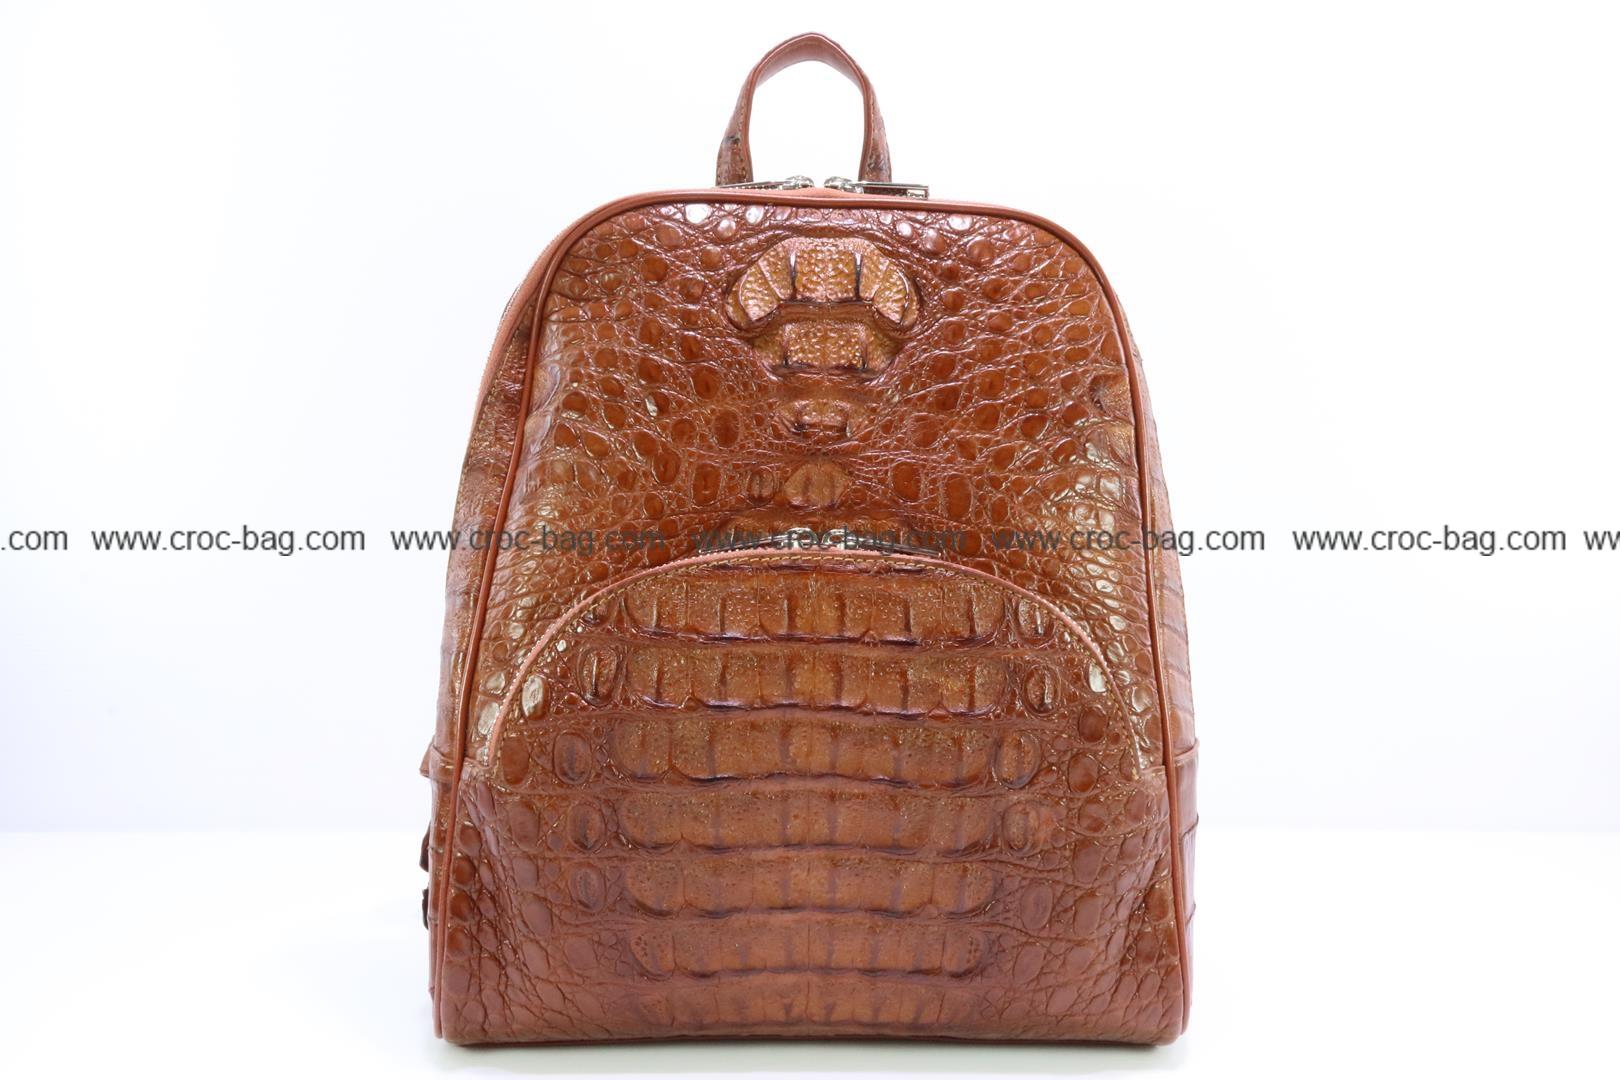 กระเป๋าสะพายหนังจระเข้สำหรับคุณผู้หญิง 3463